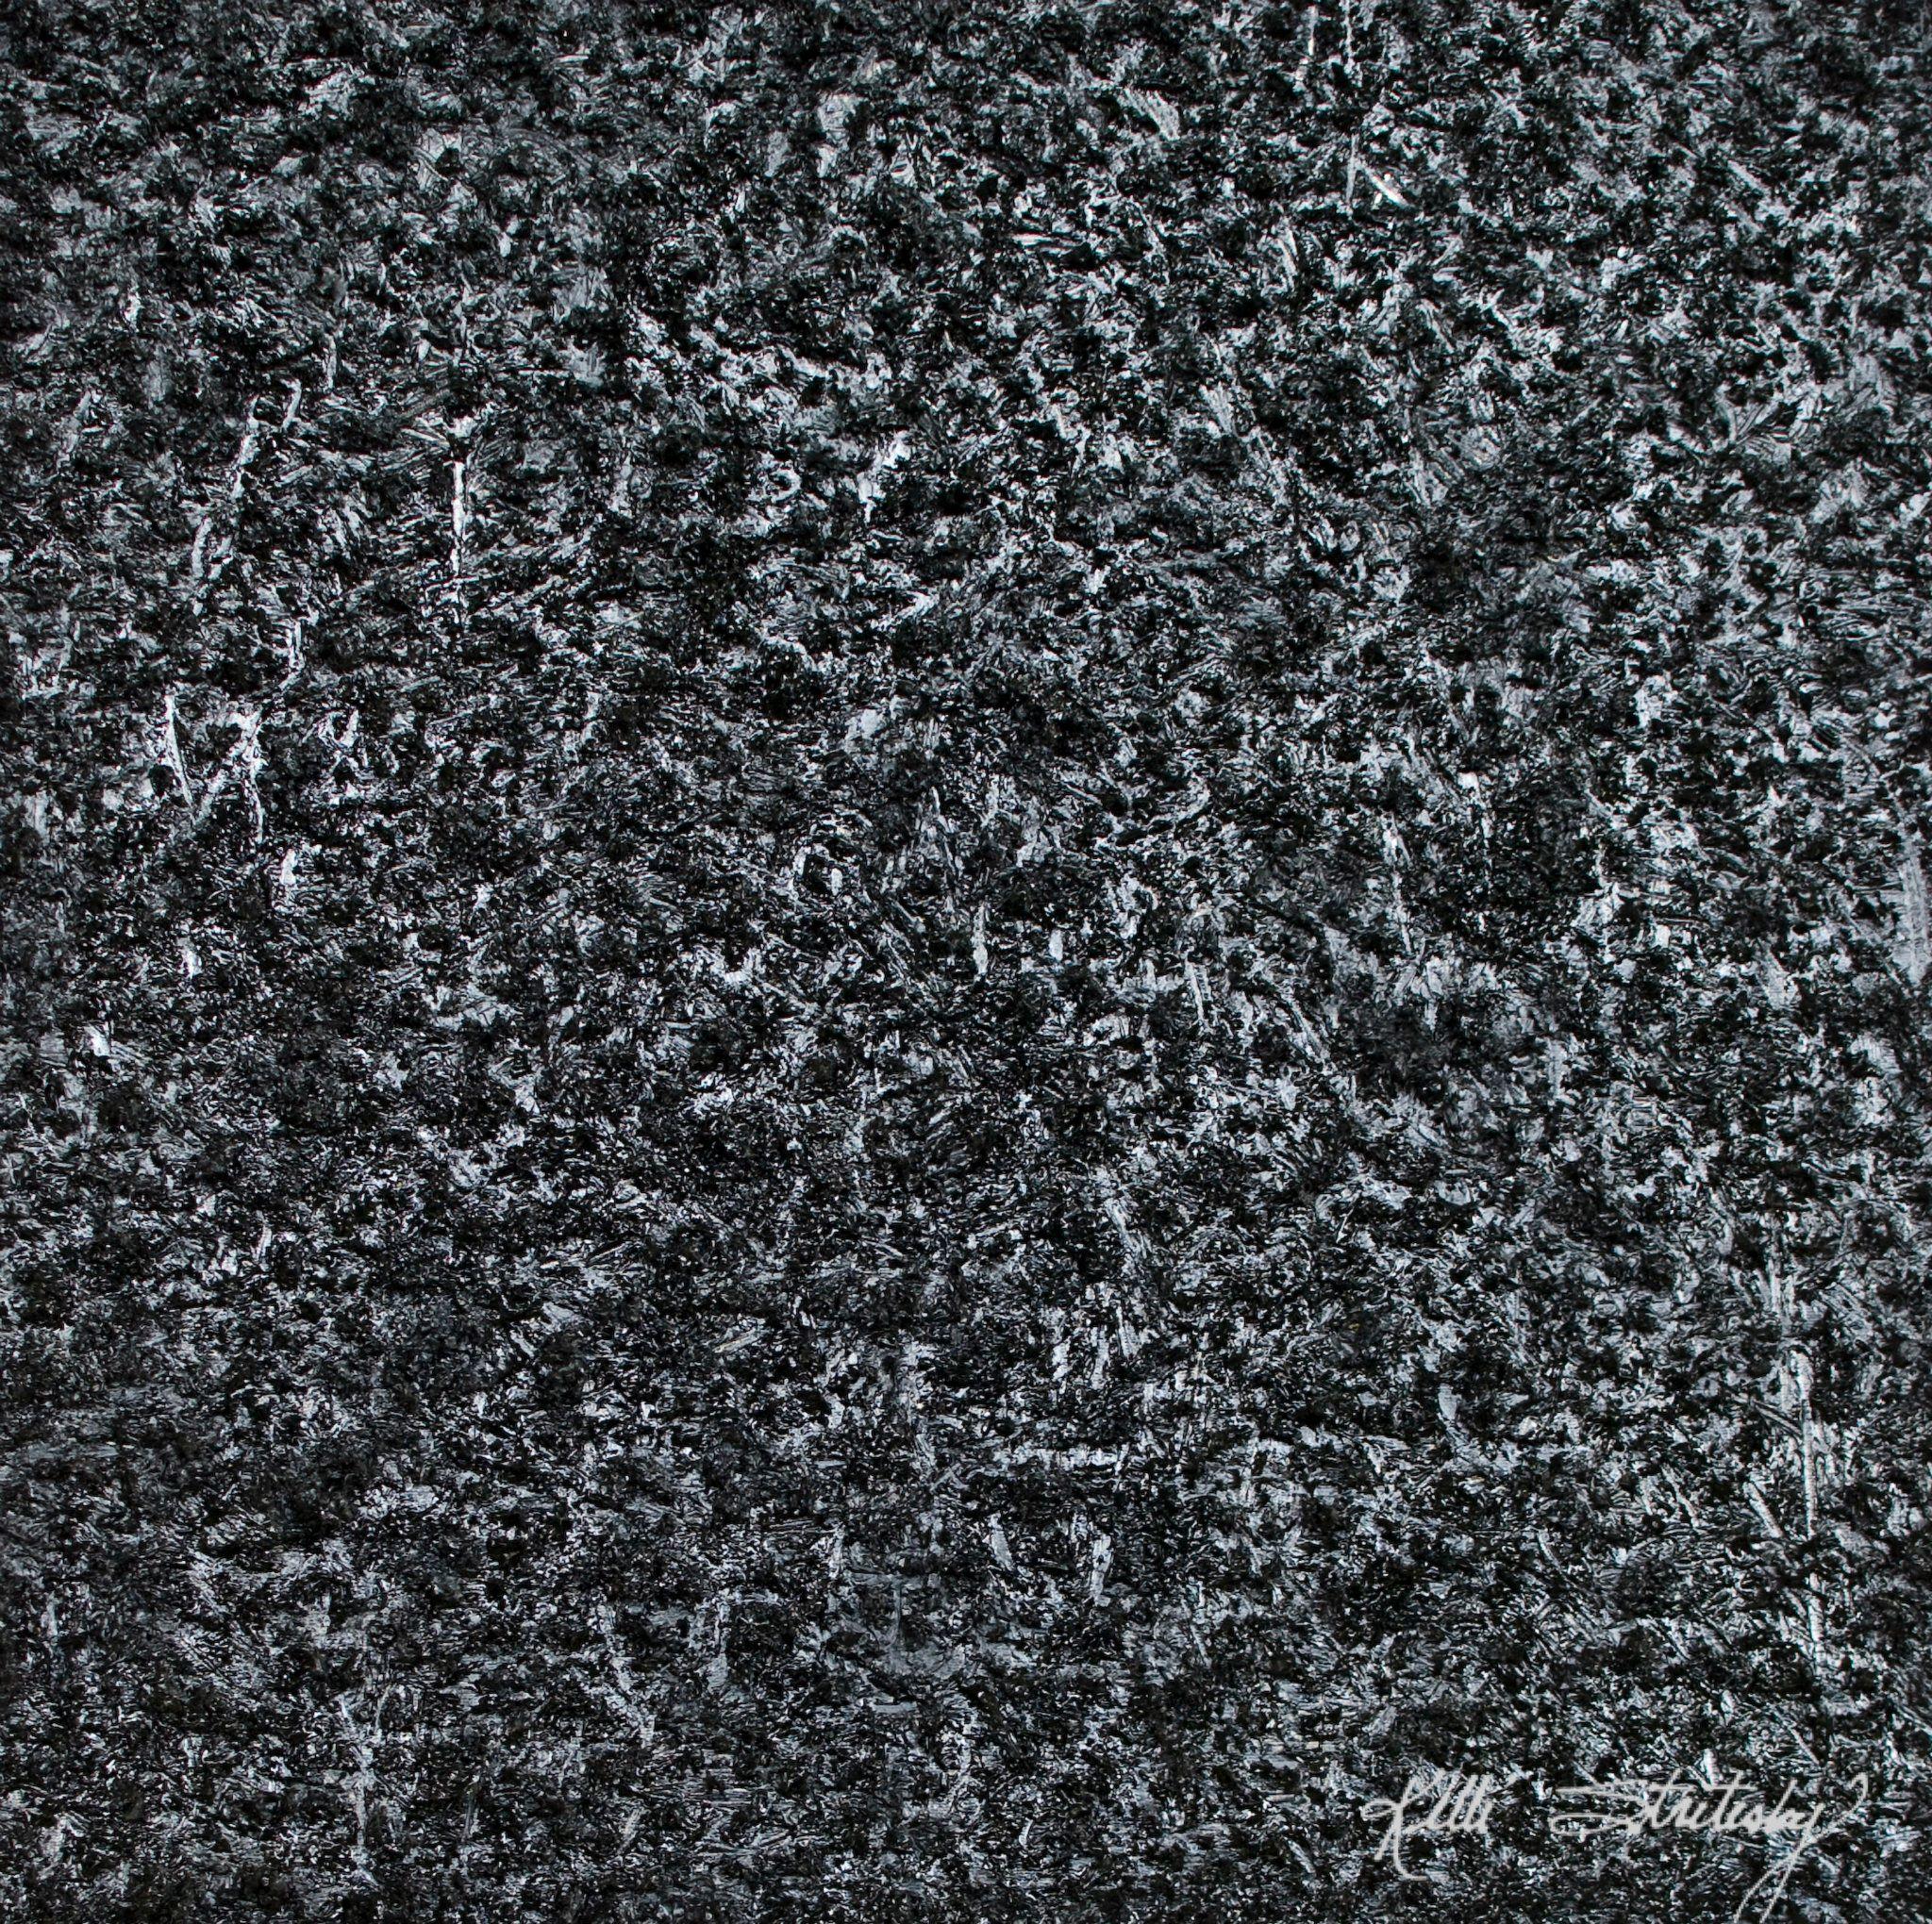 Tentacles of the Tarantula Nebula